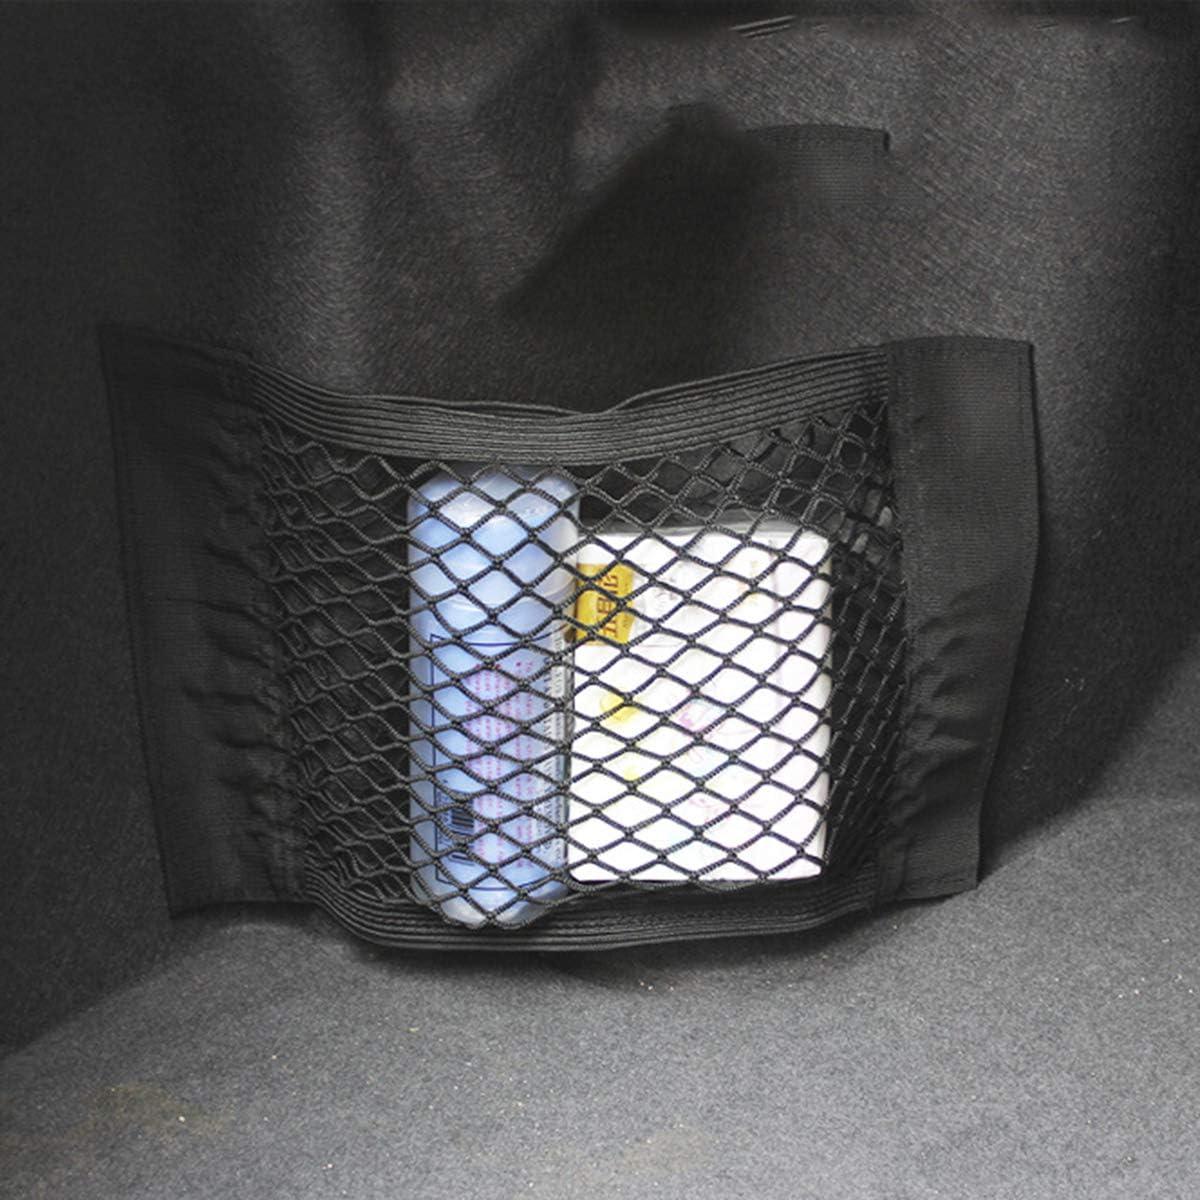 per Auto Rete a Rete Universale per riporre Bottiglie LeTang Confezione da 2 Adesivi da Parete Camion Alimentari